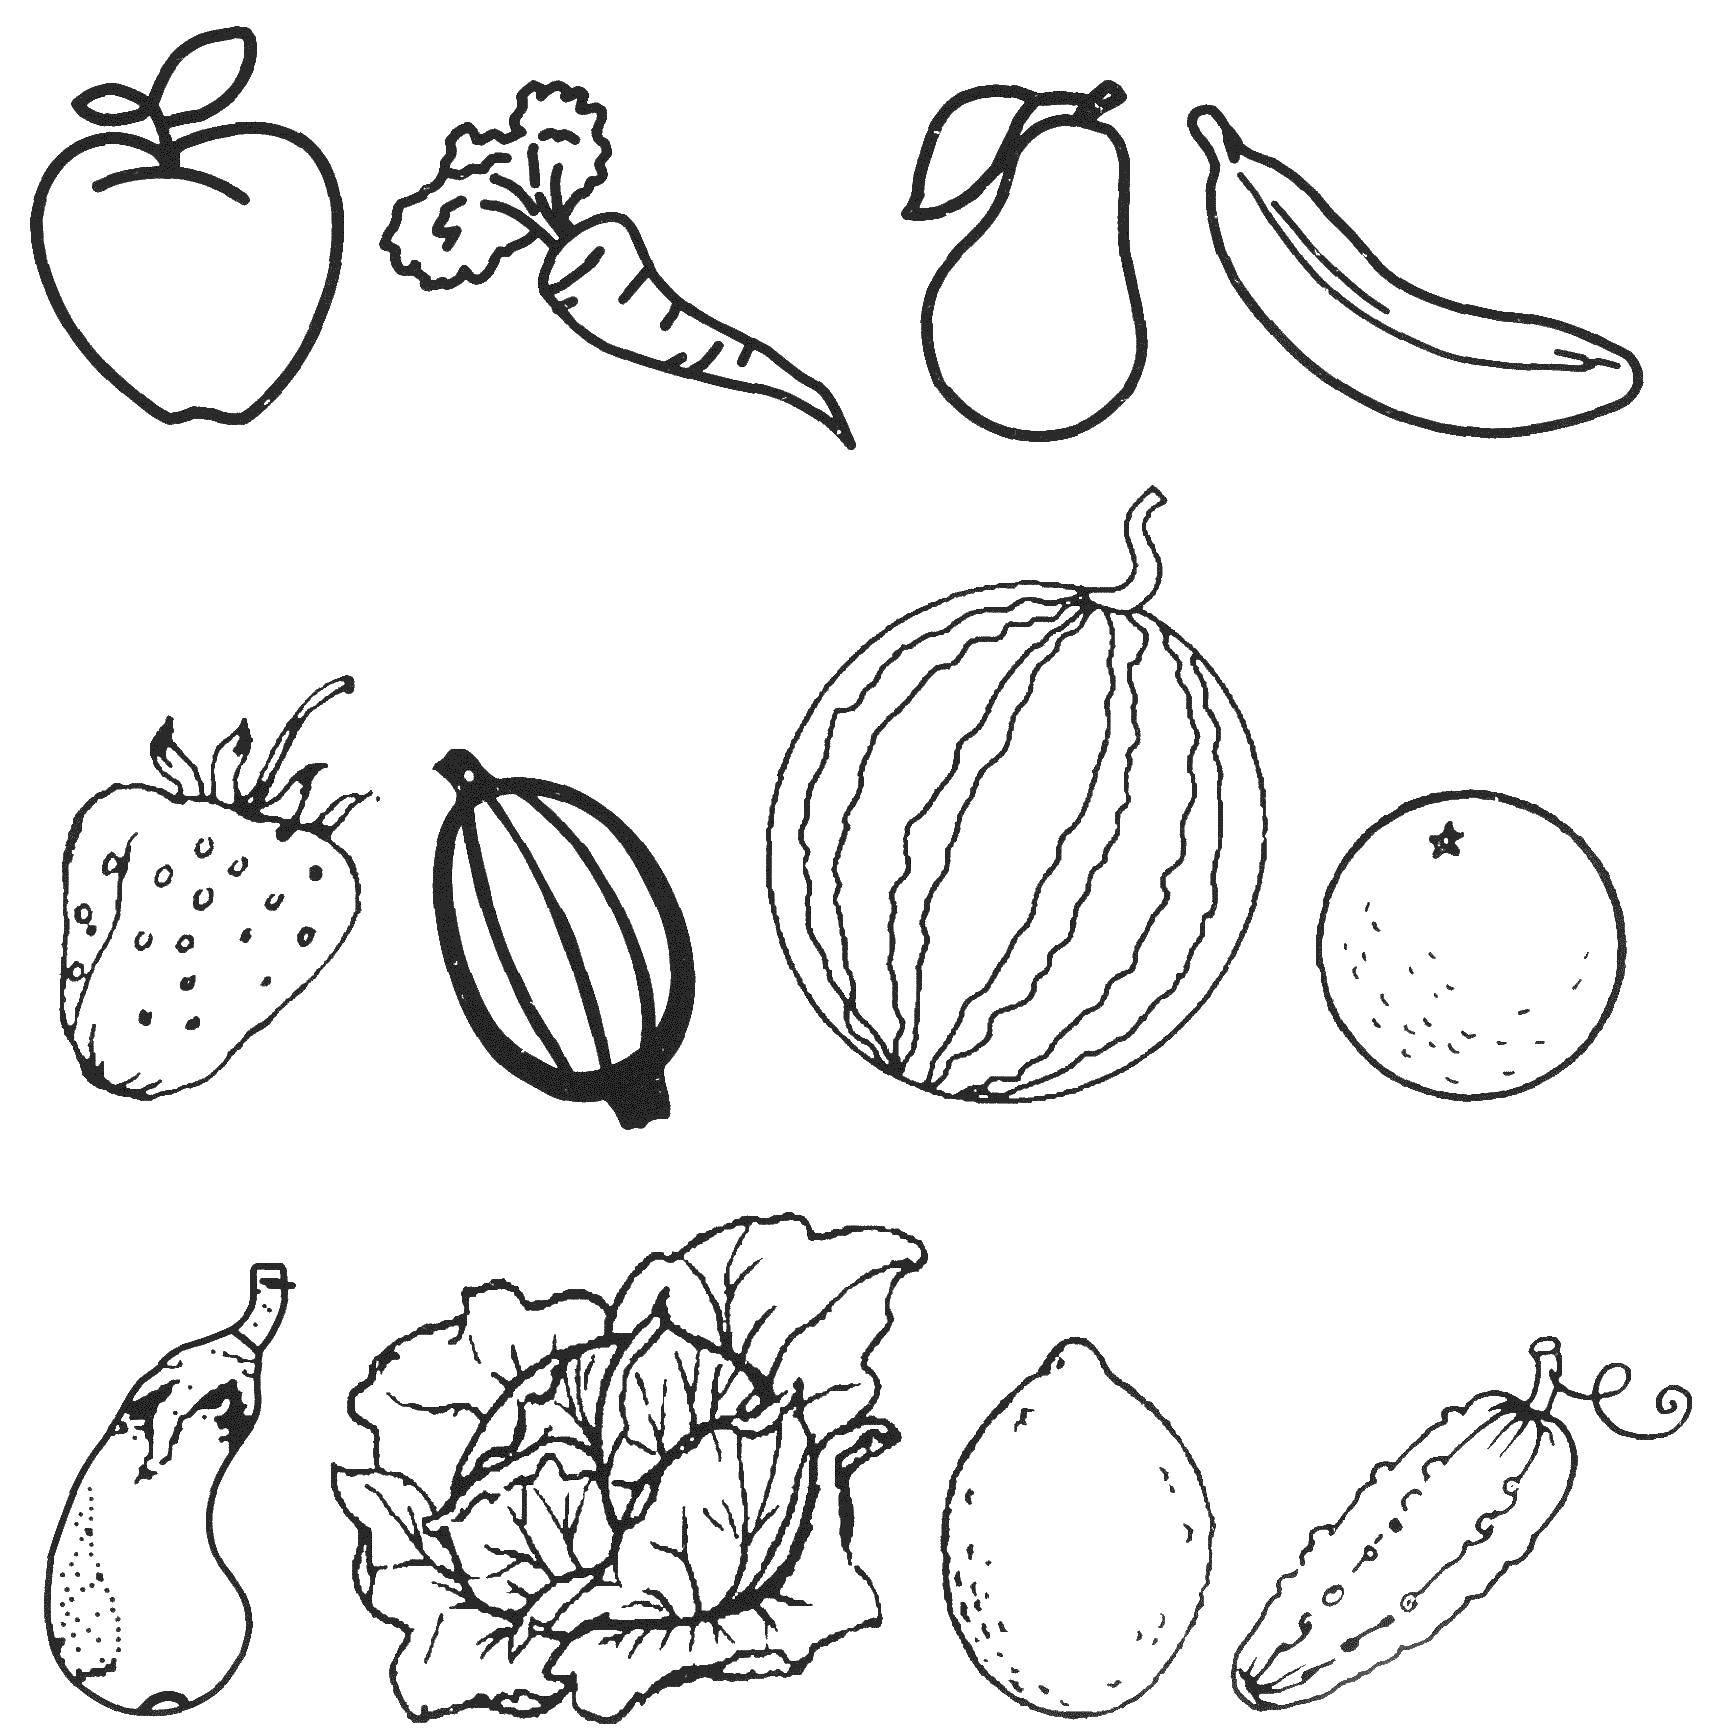 Картинки на тему фрукты раскраска, для подруги